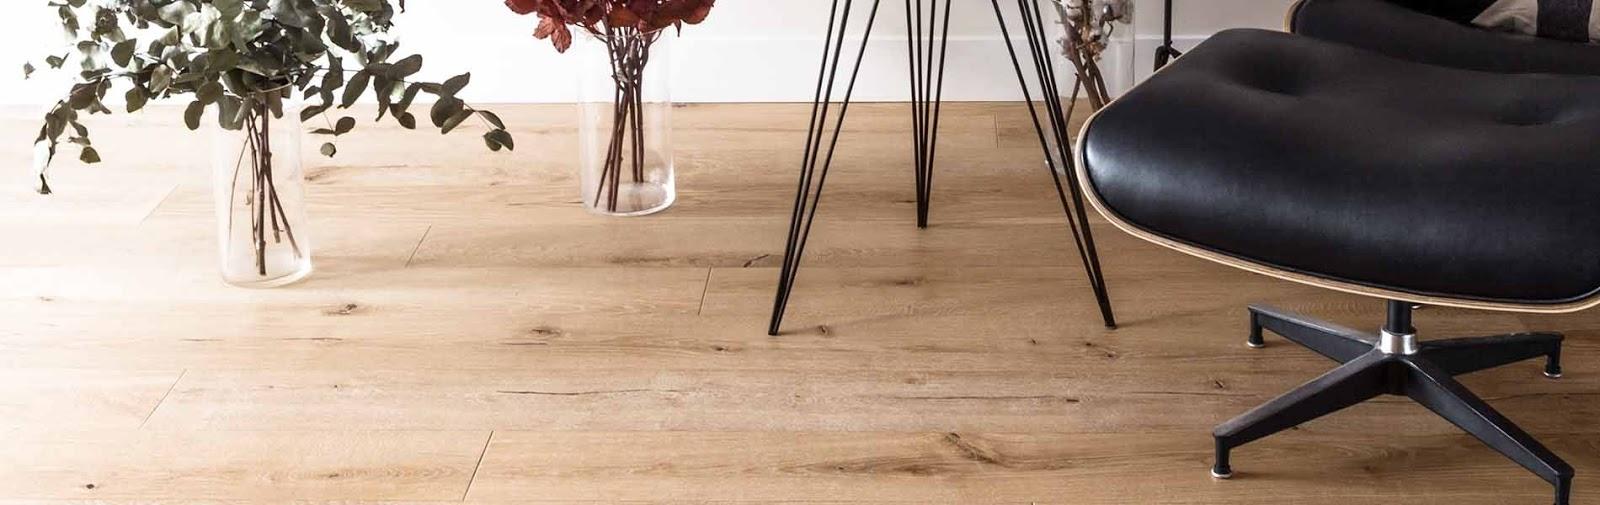 beneficios de contar con pisos de madera en el hogar